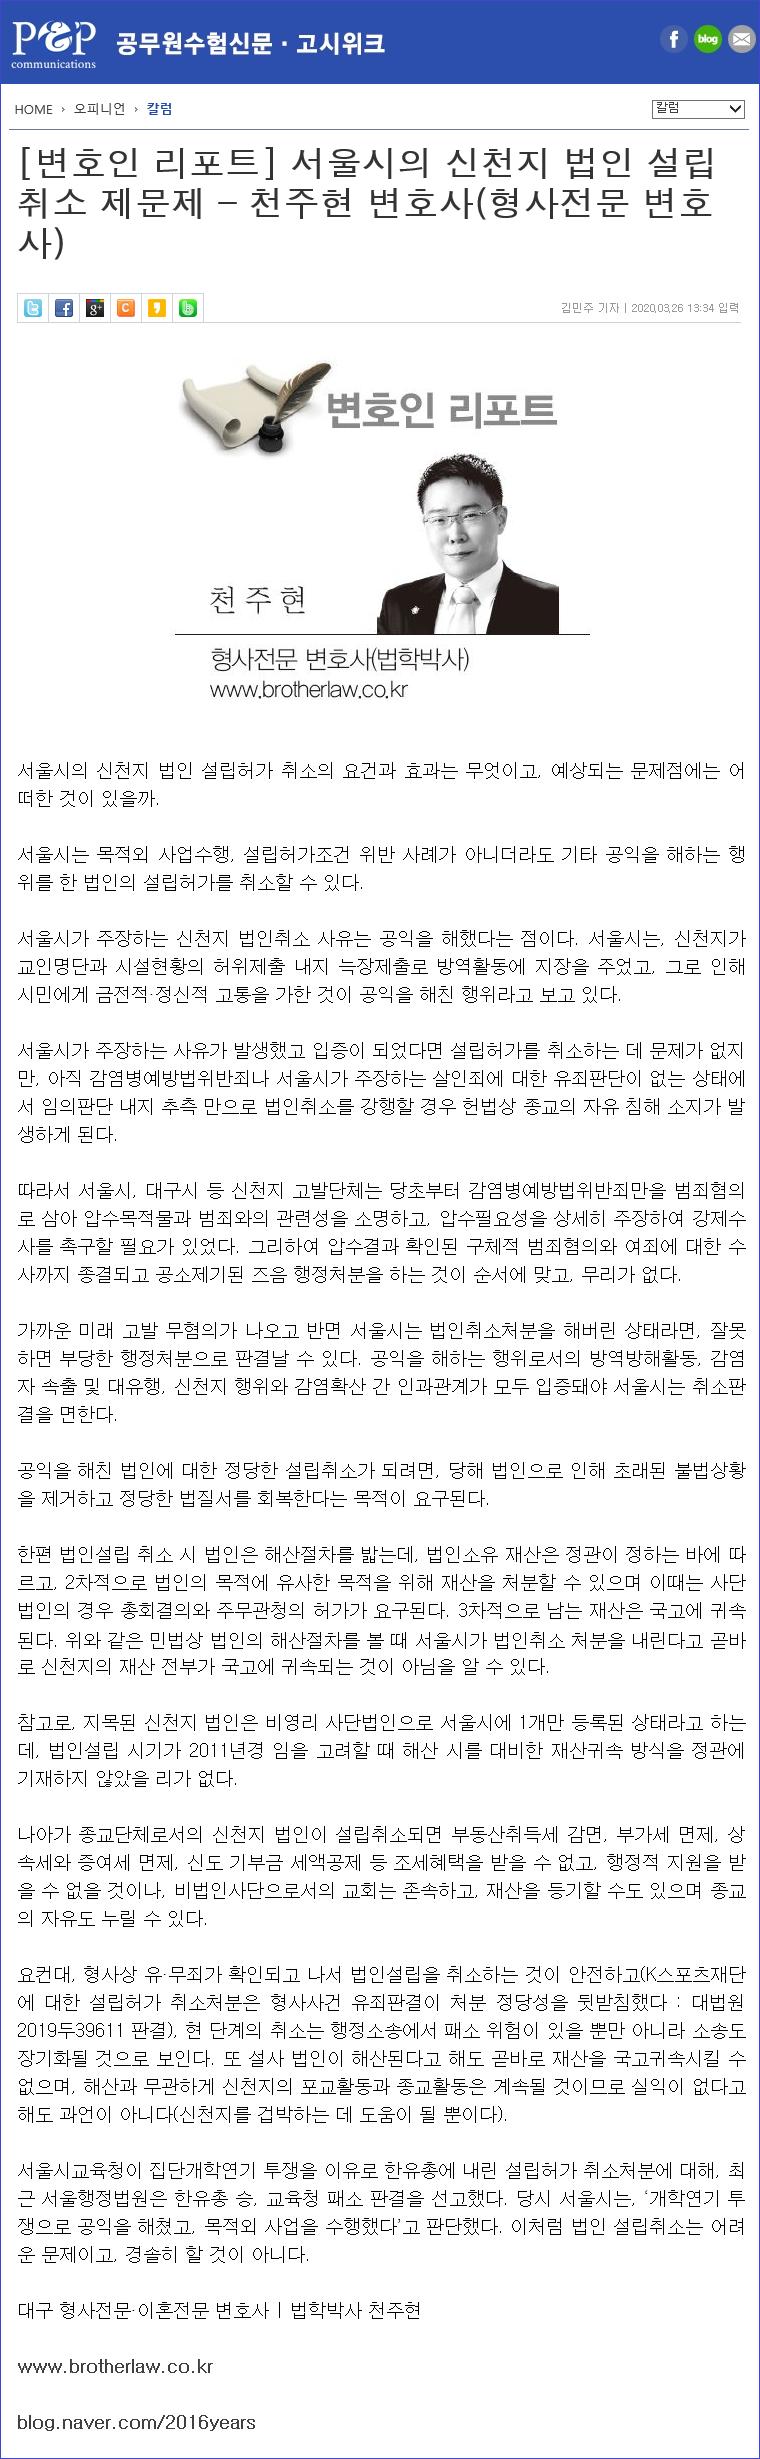 200326-변호인리포트(서울시의 신천지 법인 설립취소 제문제)-블로그용.png